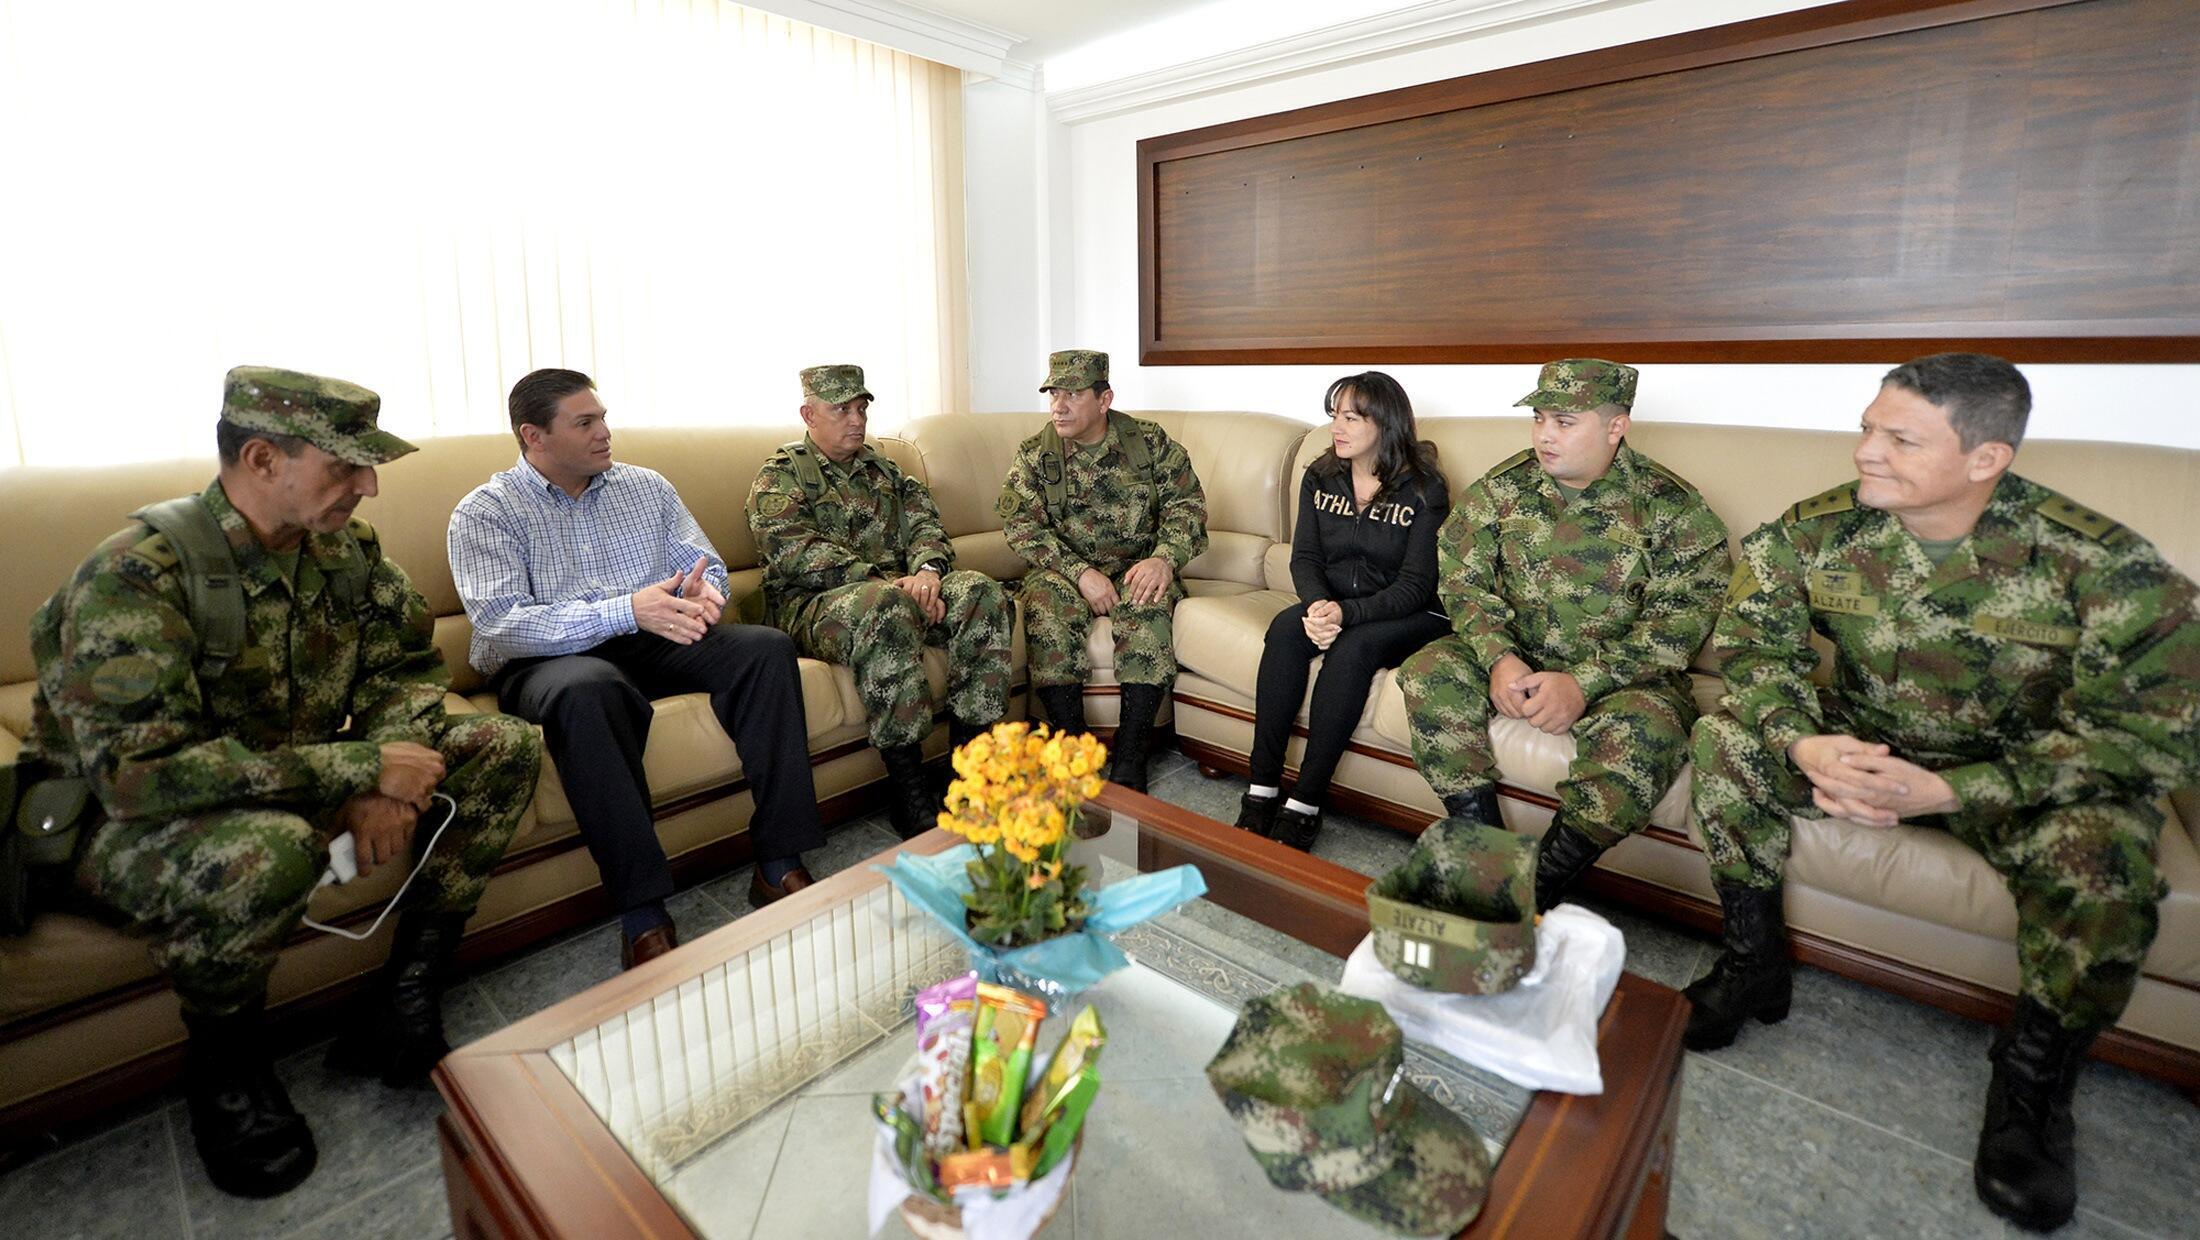 Le ministre colombien de la Défense, Juan Carlos Pinzón, s'entretient avec le général Ruben Dario Alzate, des soldats et une avocate, le 30 novembre 2014.